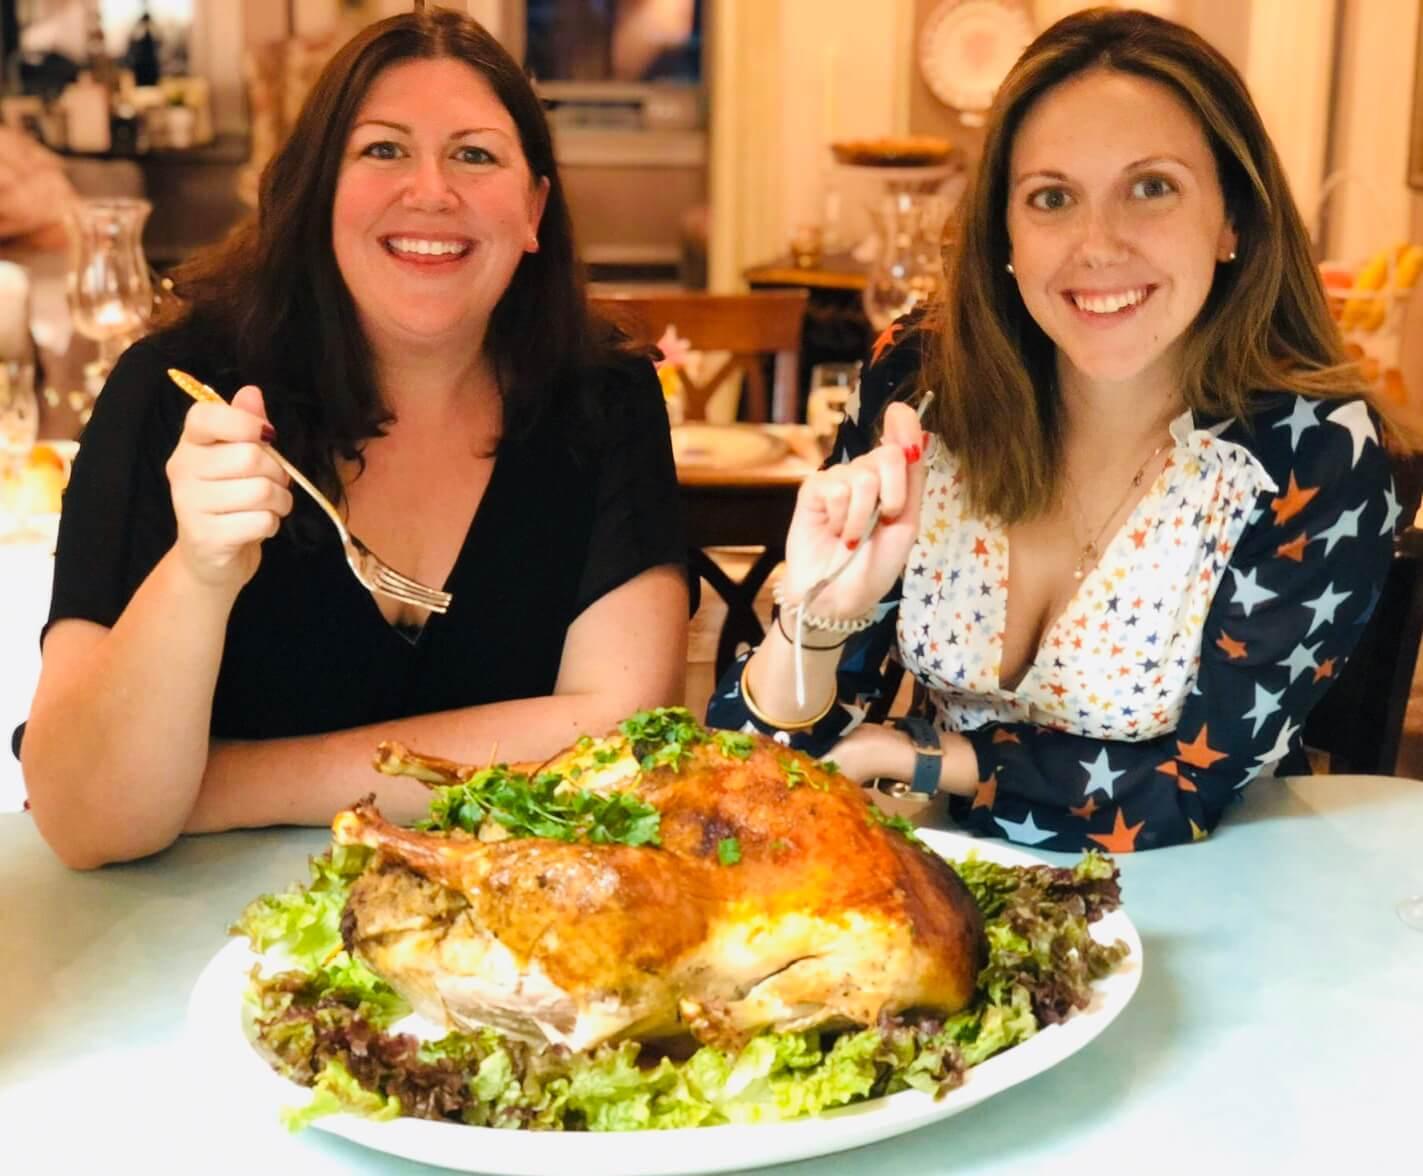 Hannah & Jo with the turkey